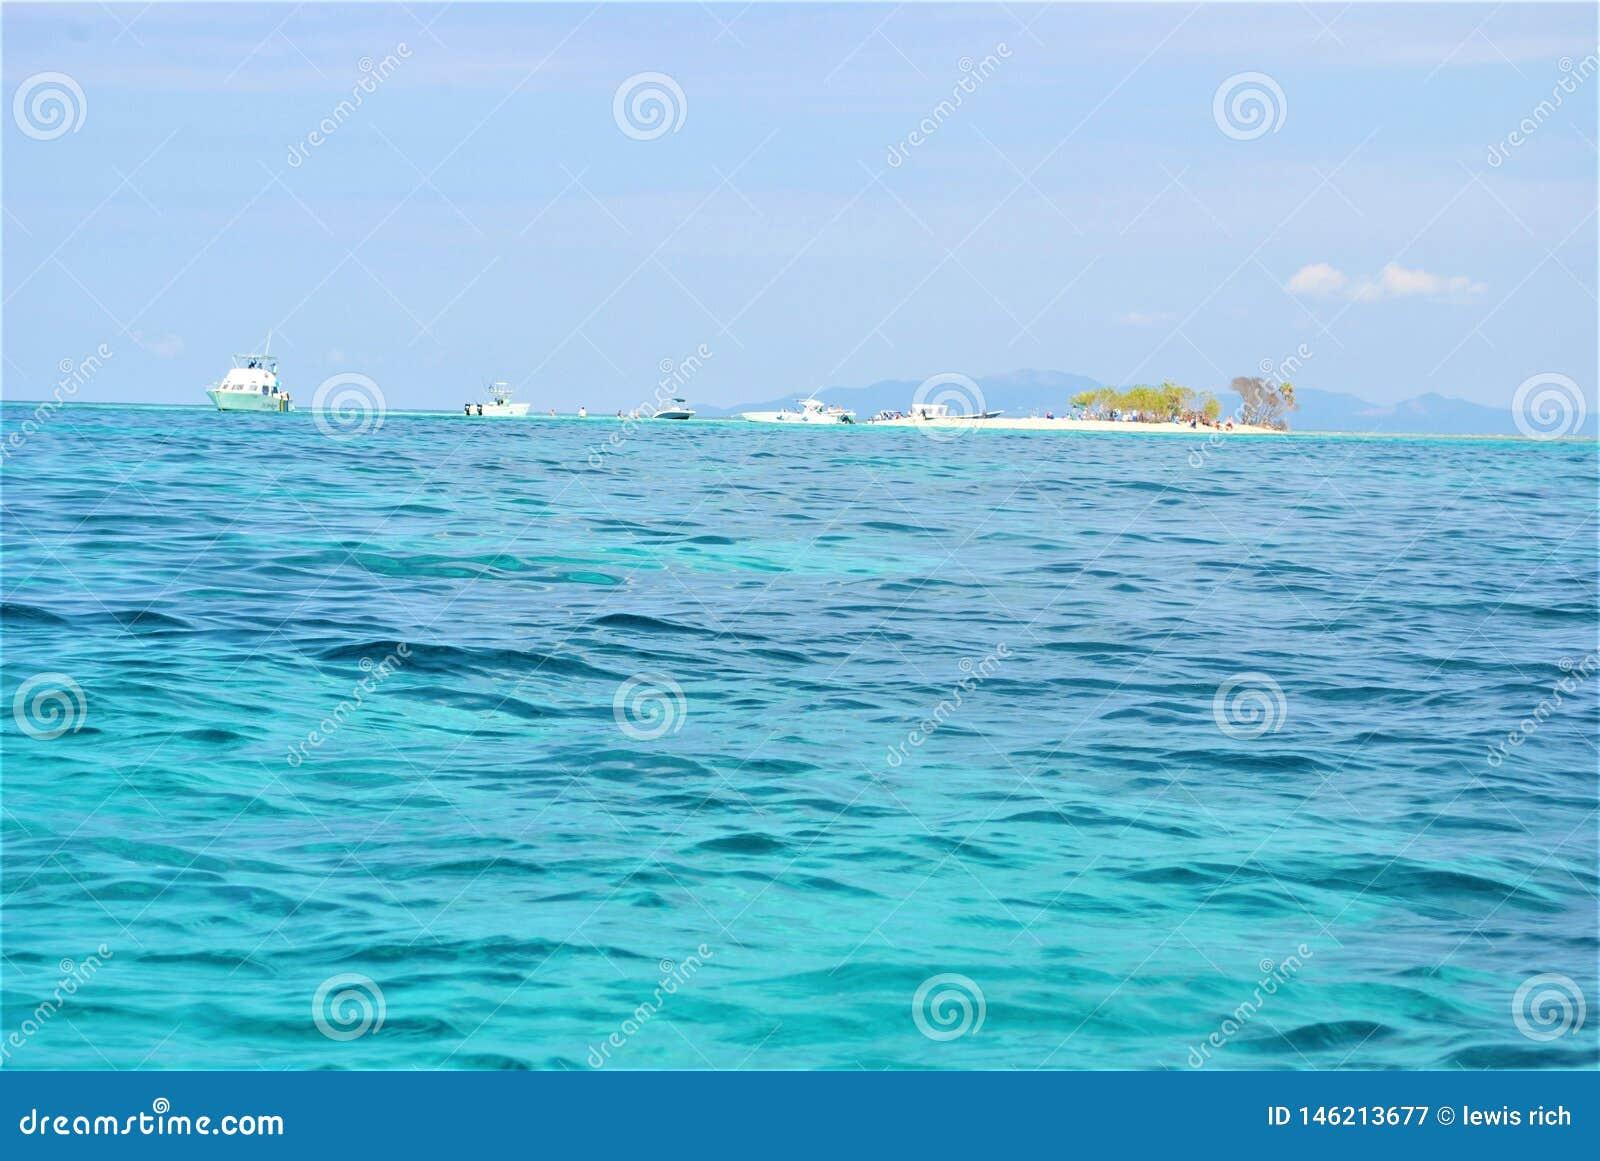 Roatan κοραλλιογενής νήσος περιστεριών ανατολικού άκρους